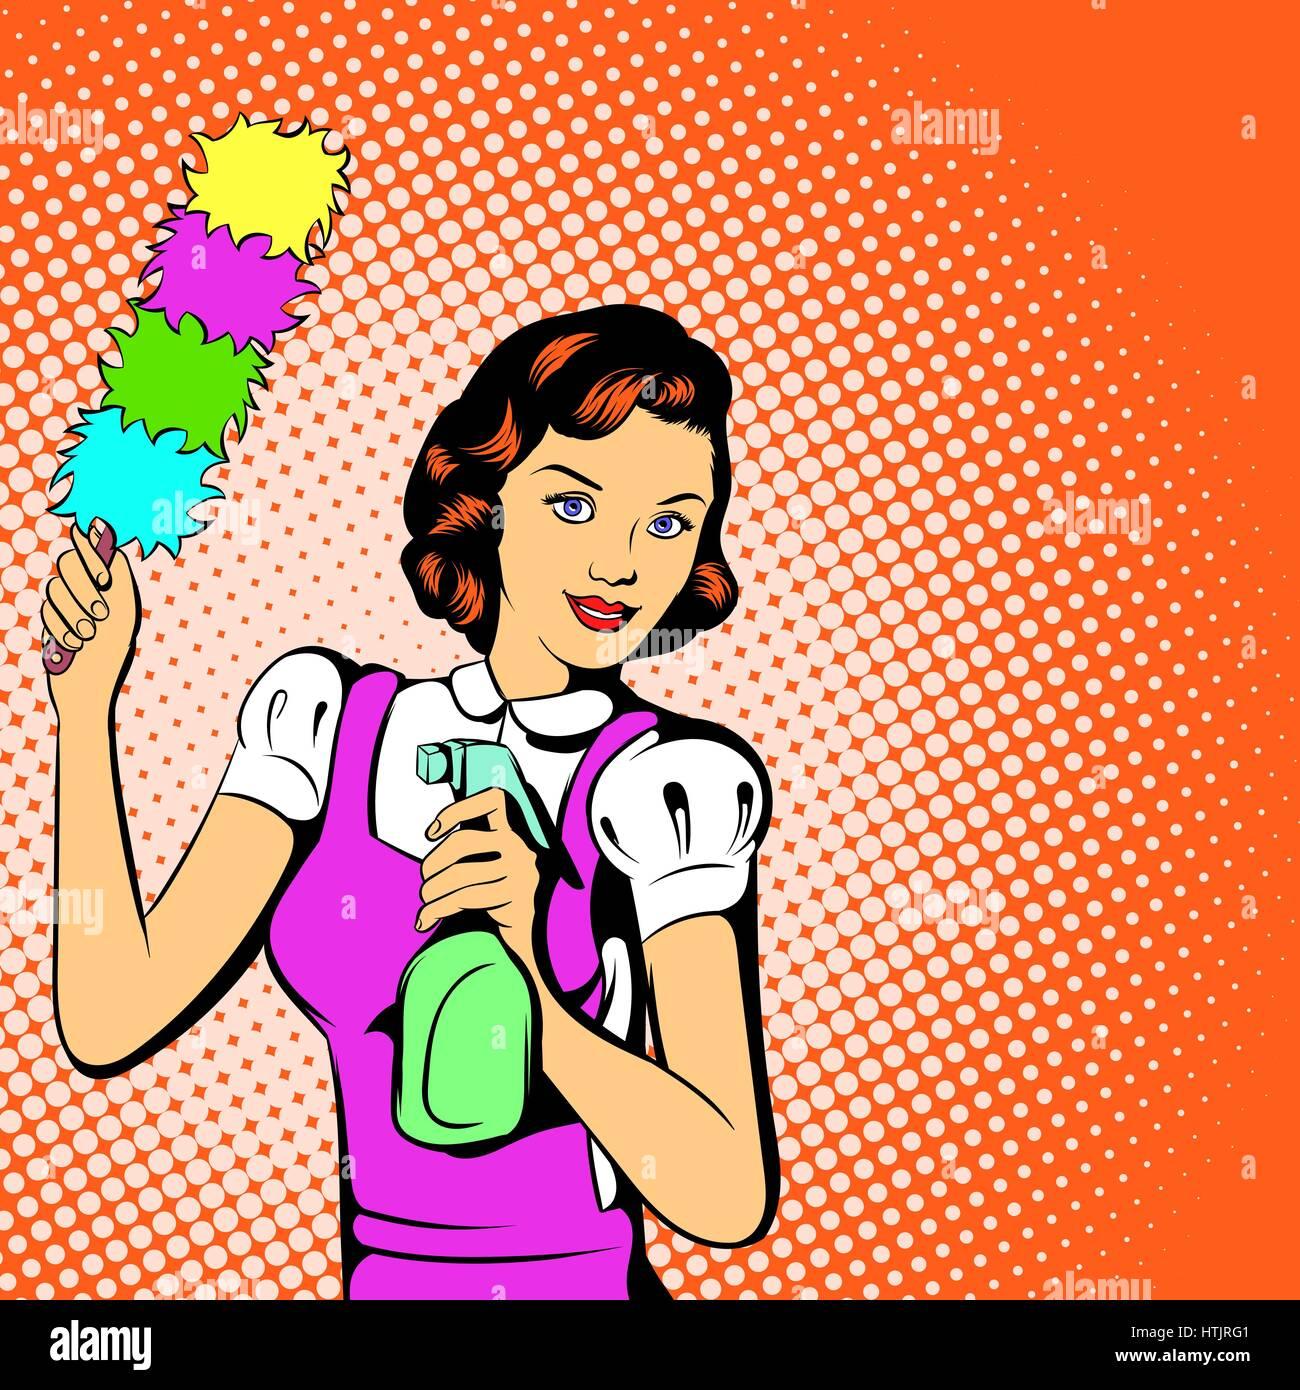 Reiniger Haushaltshilfe Haushalt Reinigung Hausarbeiter - Putzfrau Clipart  png herunterladen - 928*608 - Kostenlos transparent Erholung png  Herunterladen.